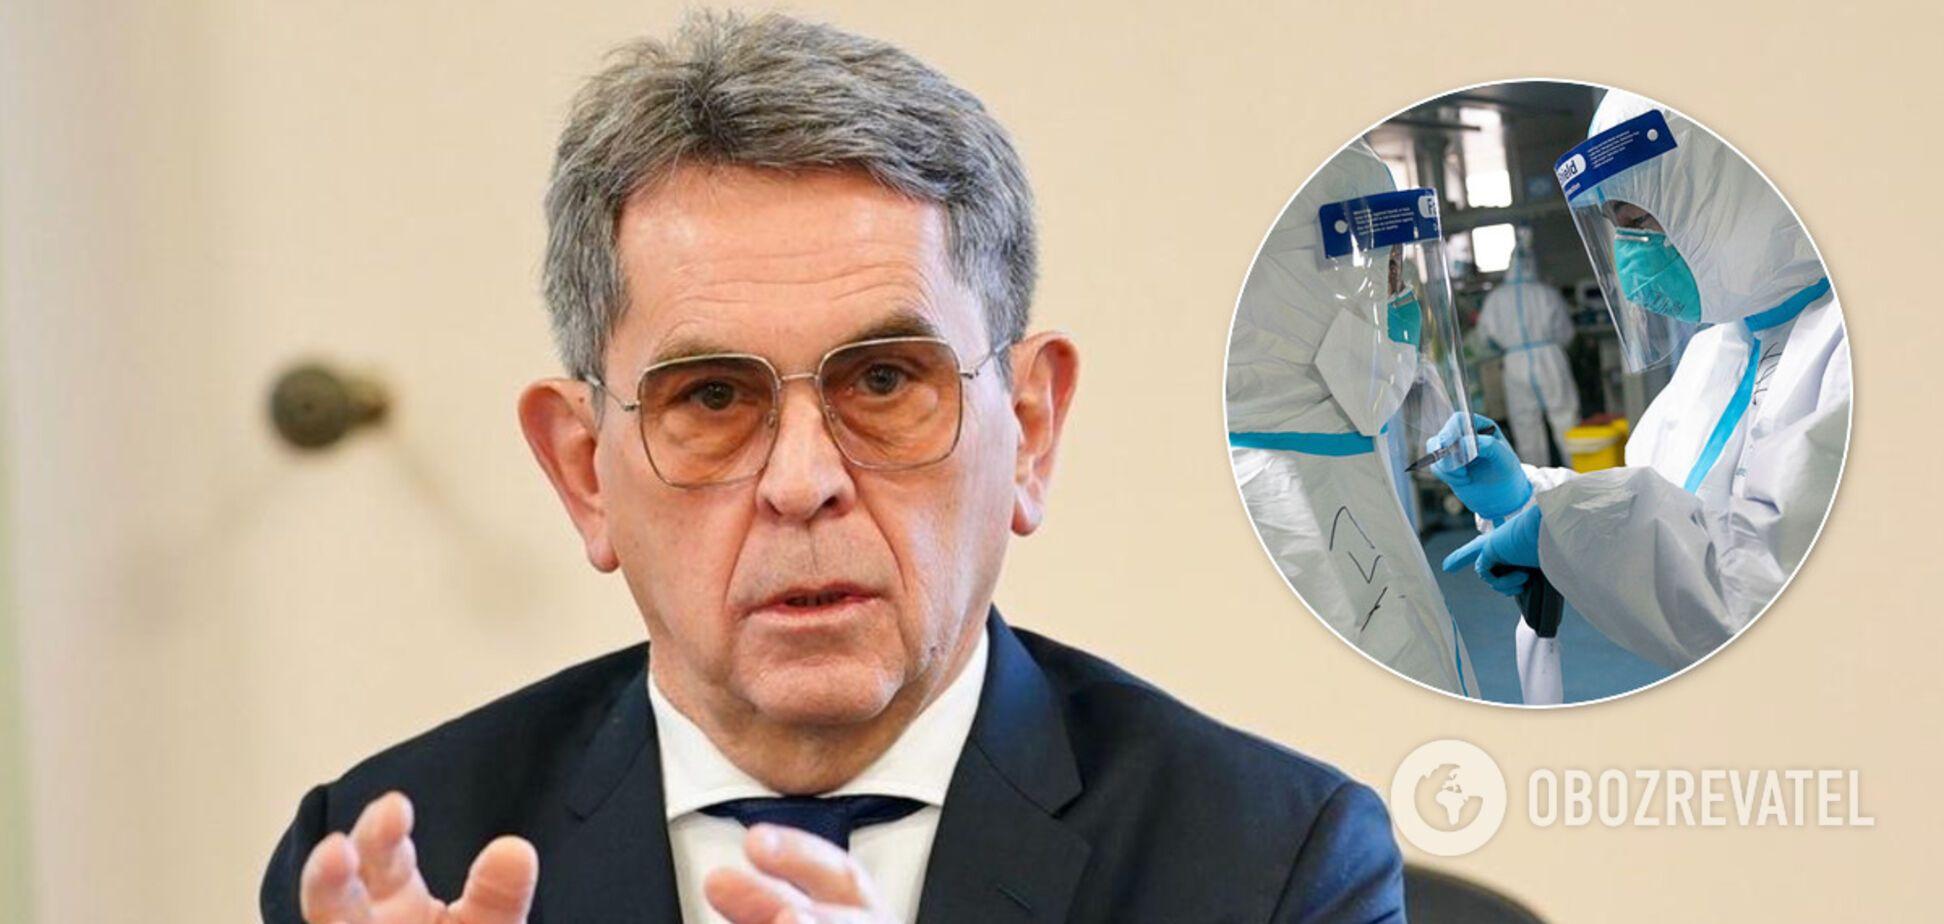 Як у Італії: МОЗ допустило найгірший сценарій через коронавірус